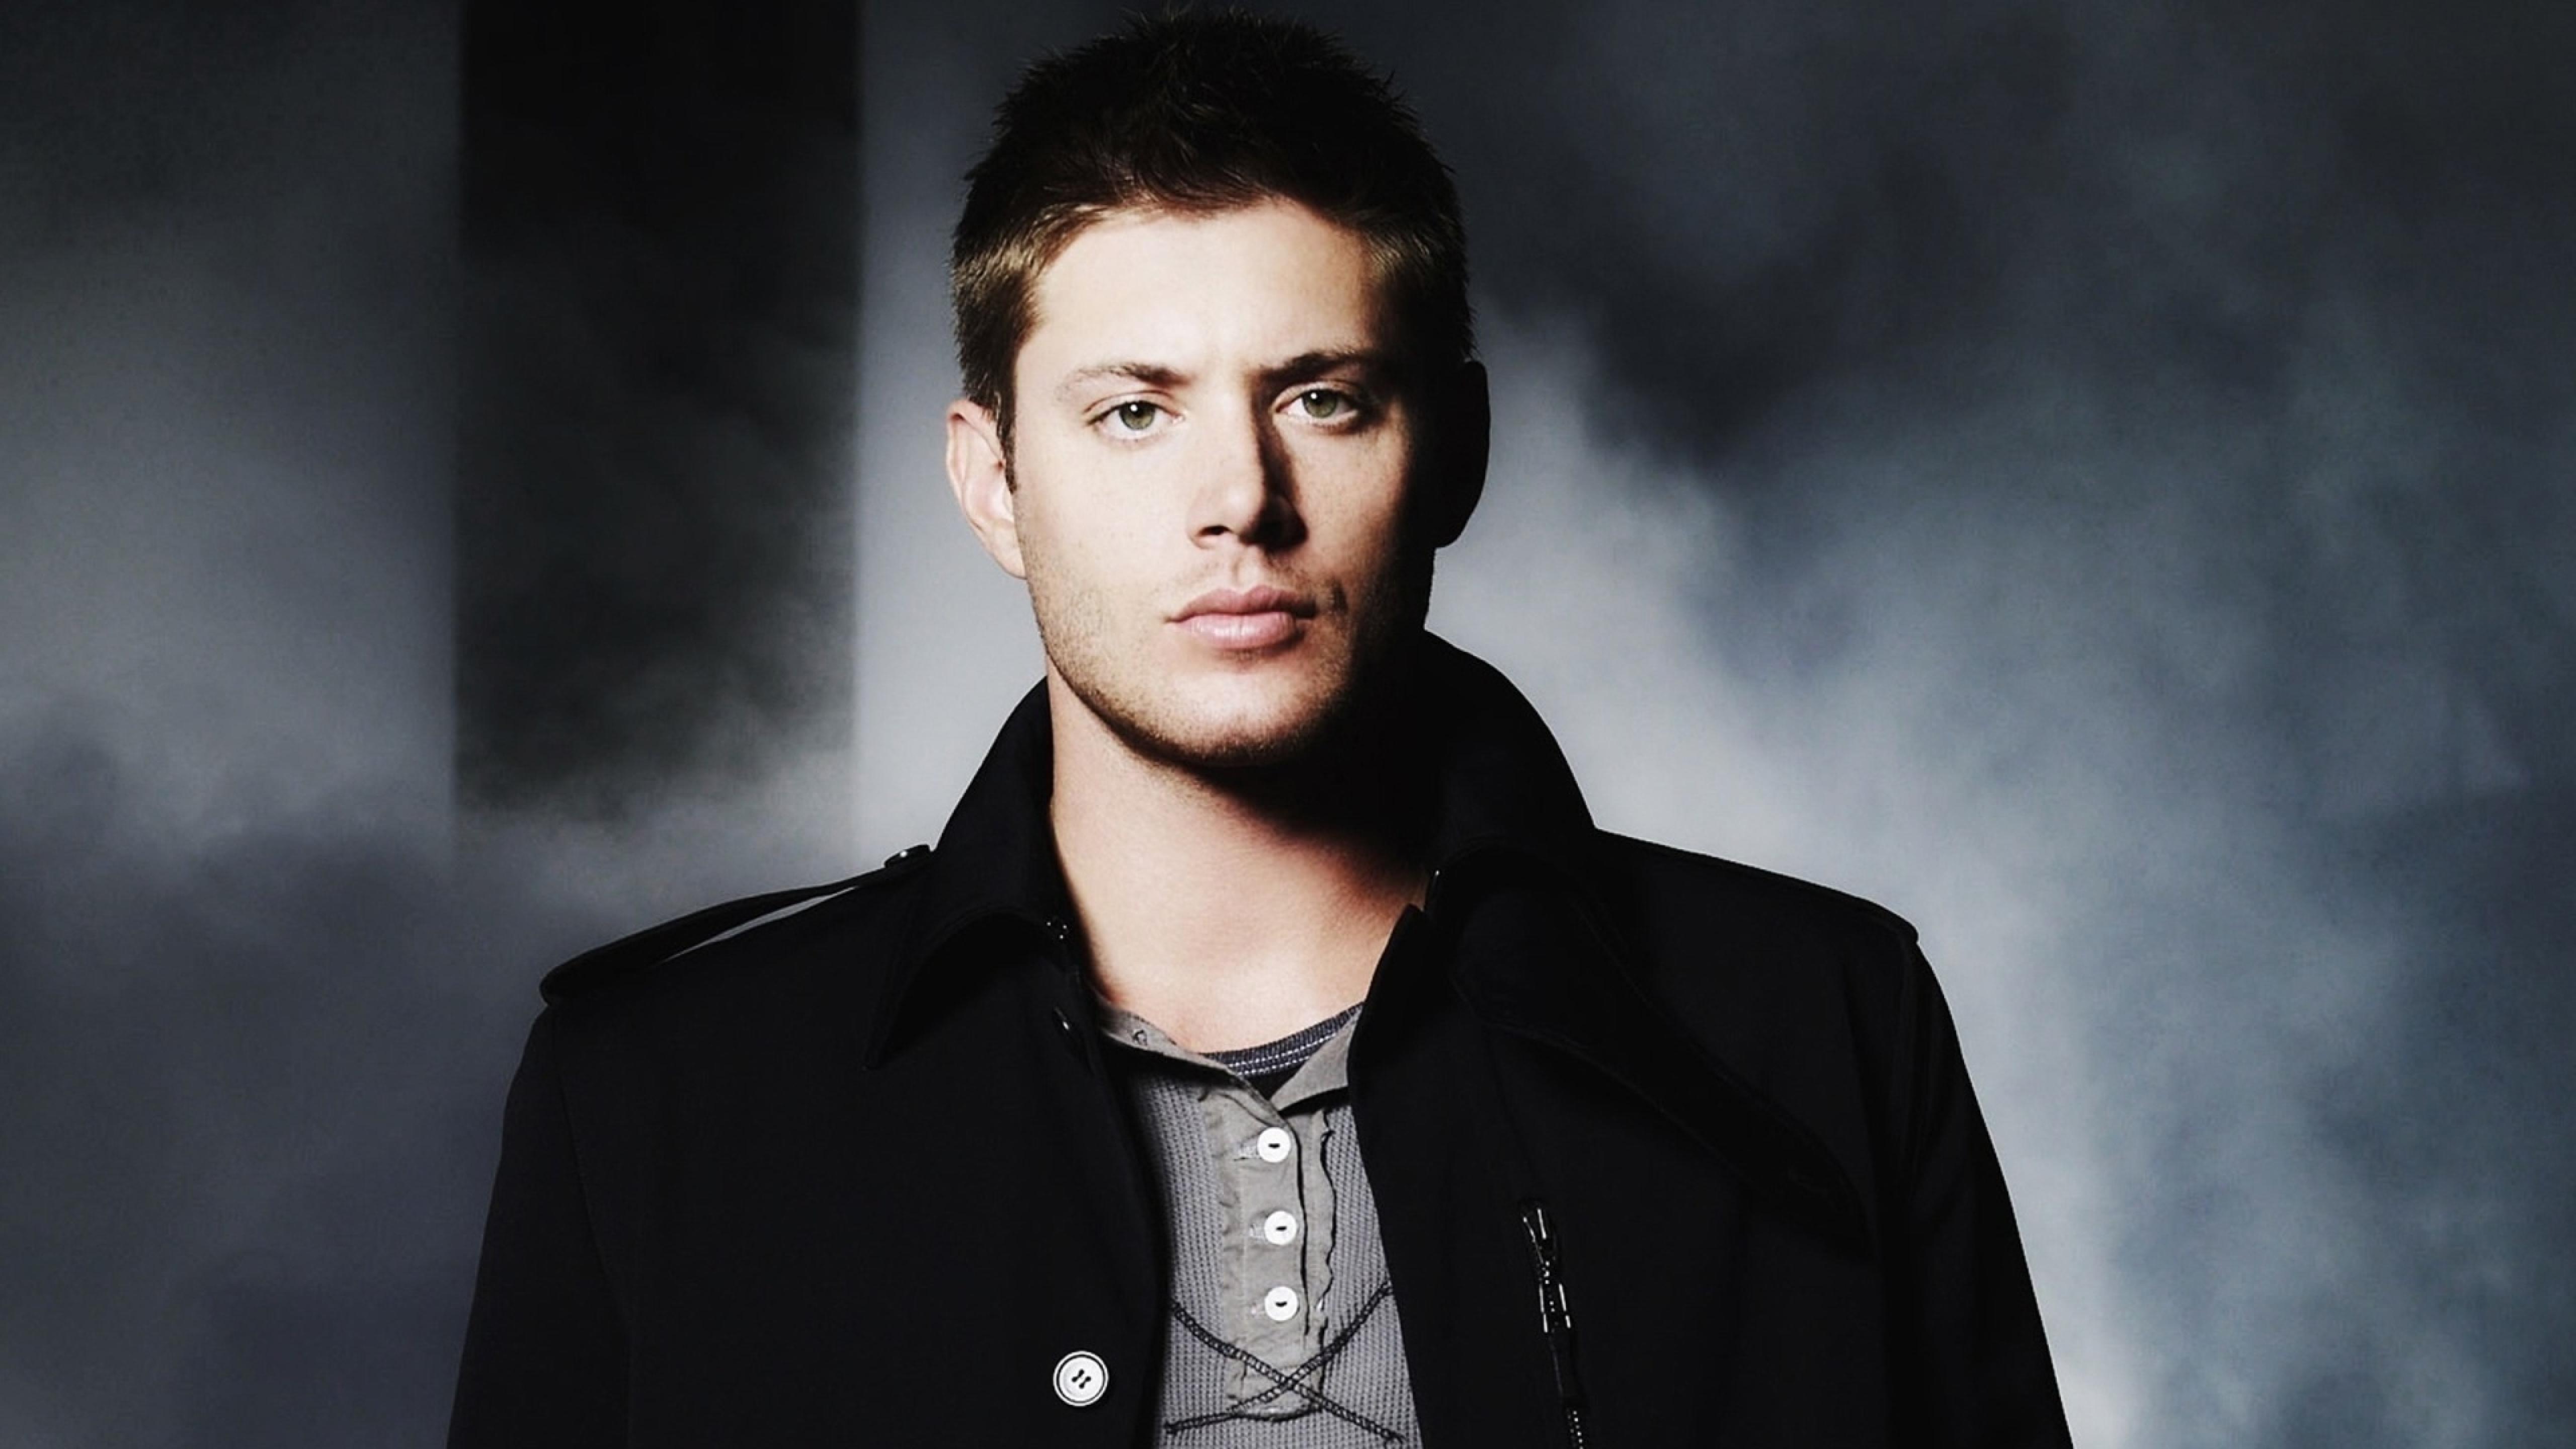 Jensen ackles (Дженсен Эклс) анонимно